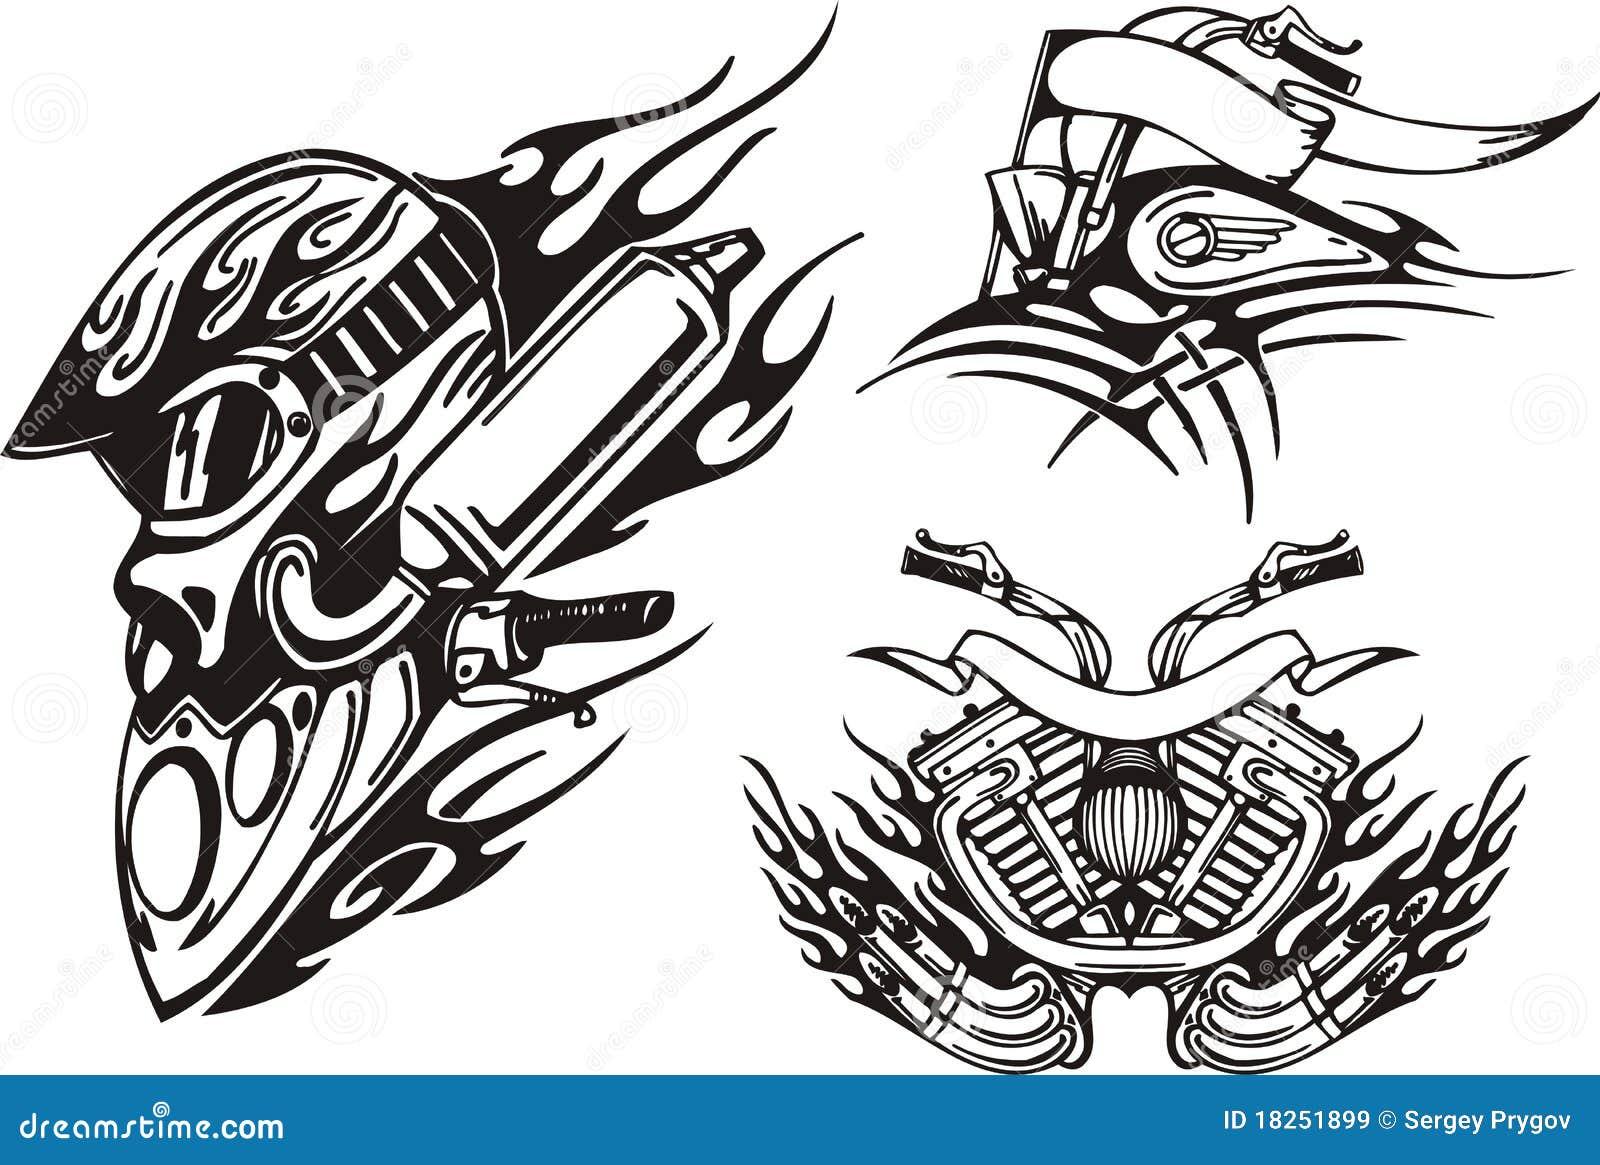 tribal bikes stock illustration illustration of gasoline 18251899. Black Bedroom Furniture Sets. Home Design Ideas